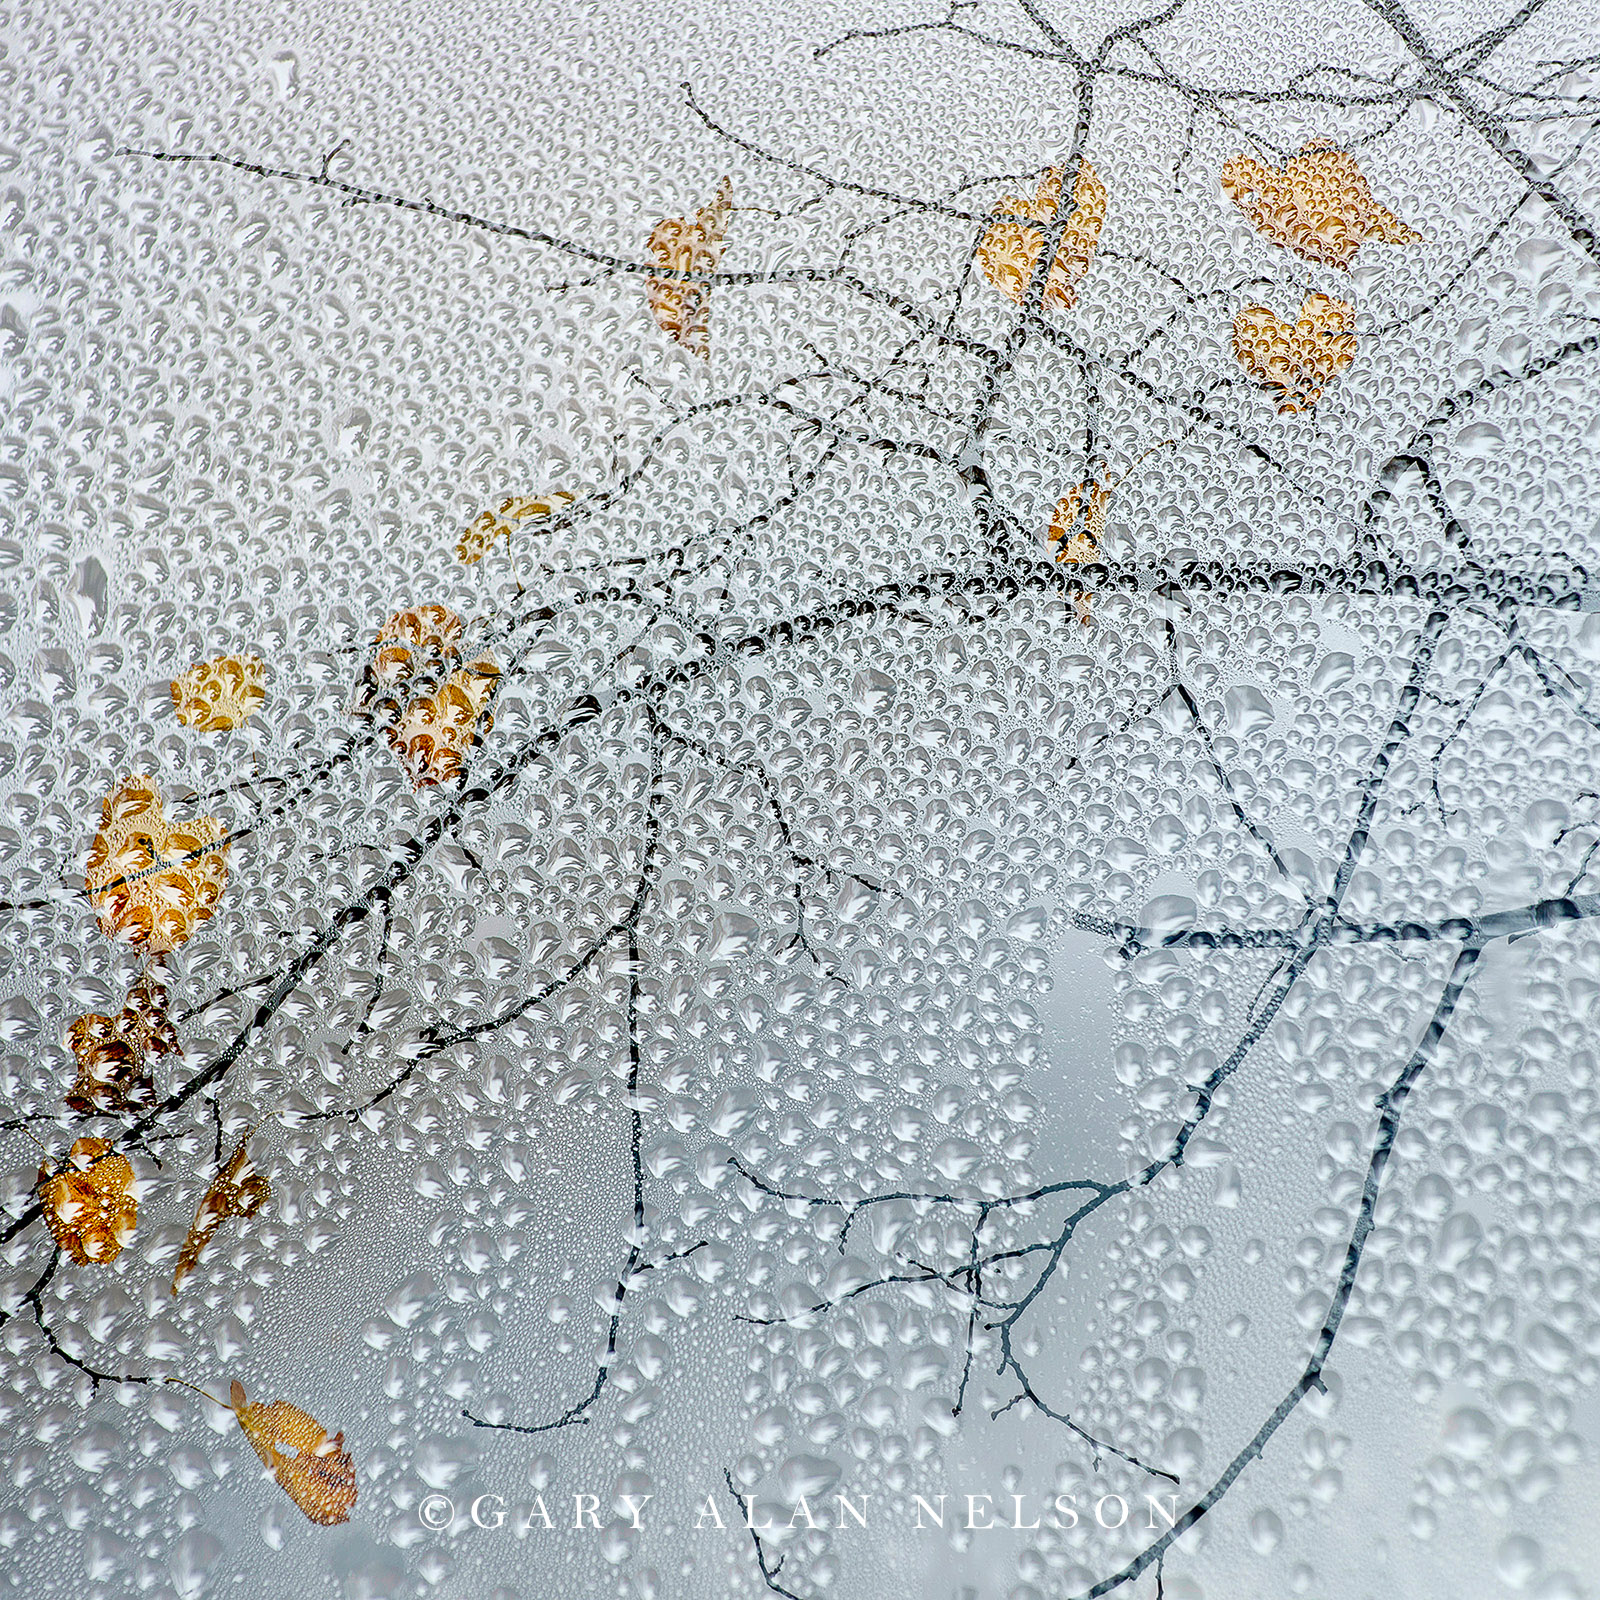 Autumn leaves through dew